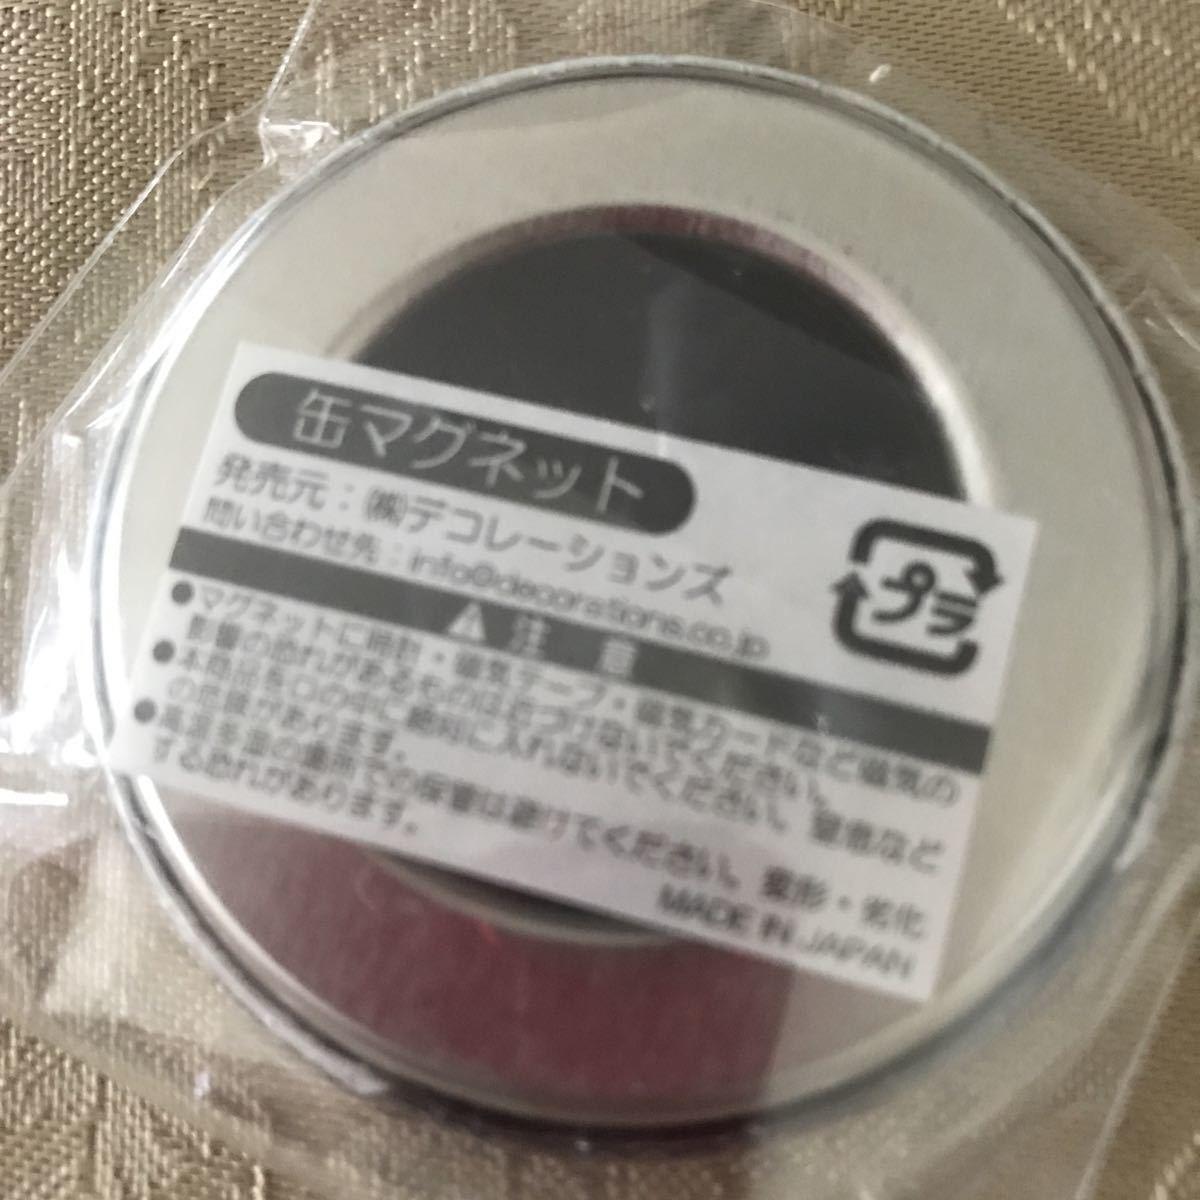 安室奈美恵 FinalSpaceマグネット1_画像2